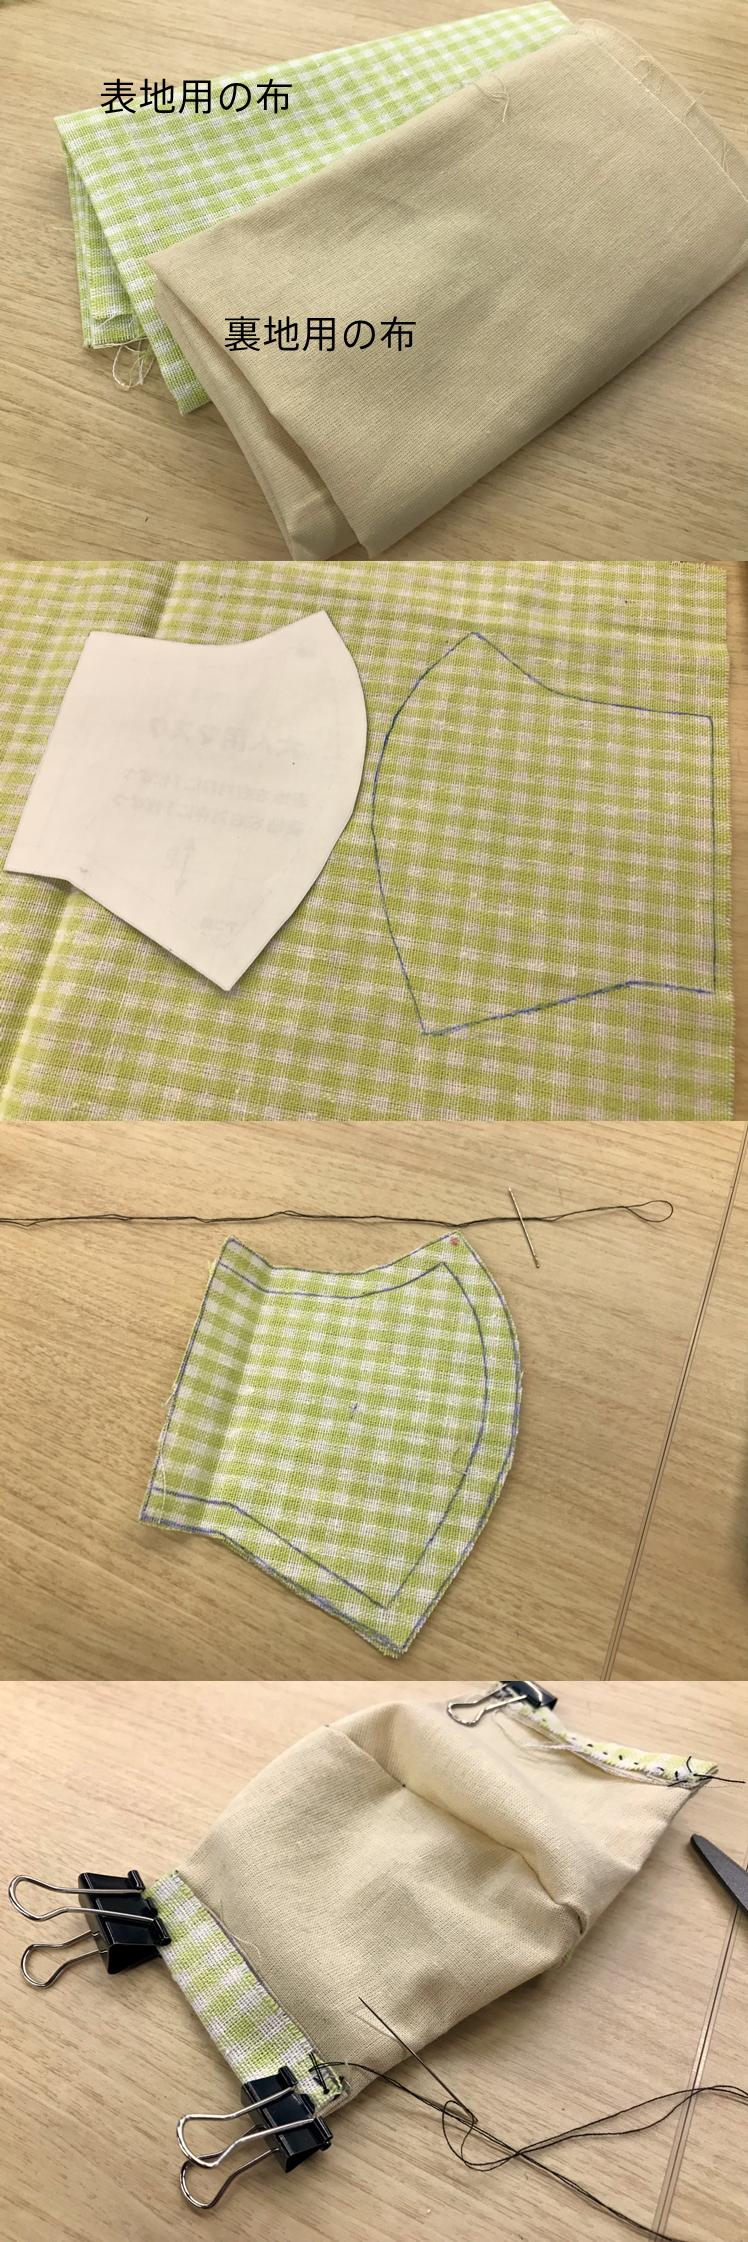 警視庁 簡易 マスク